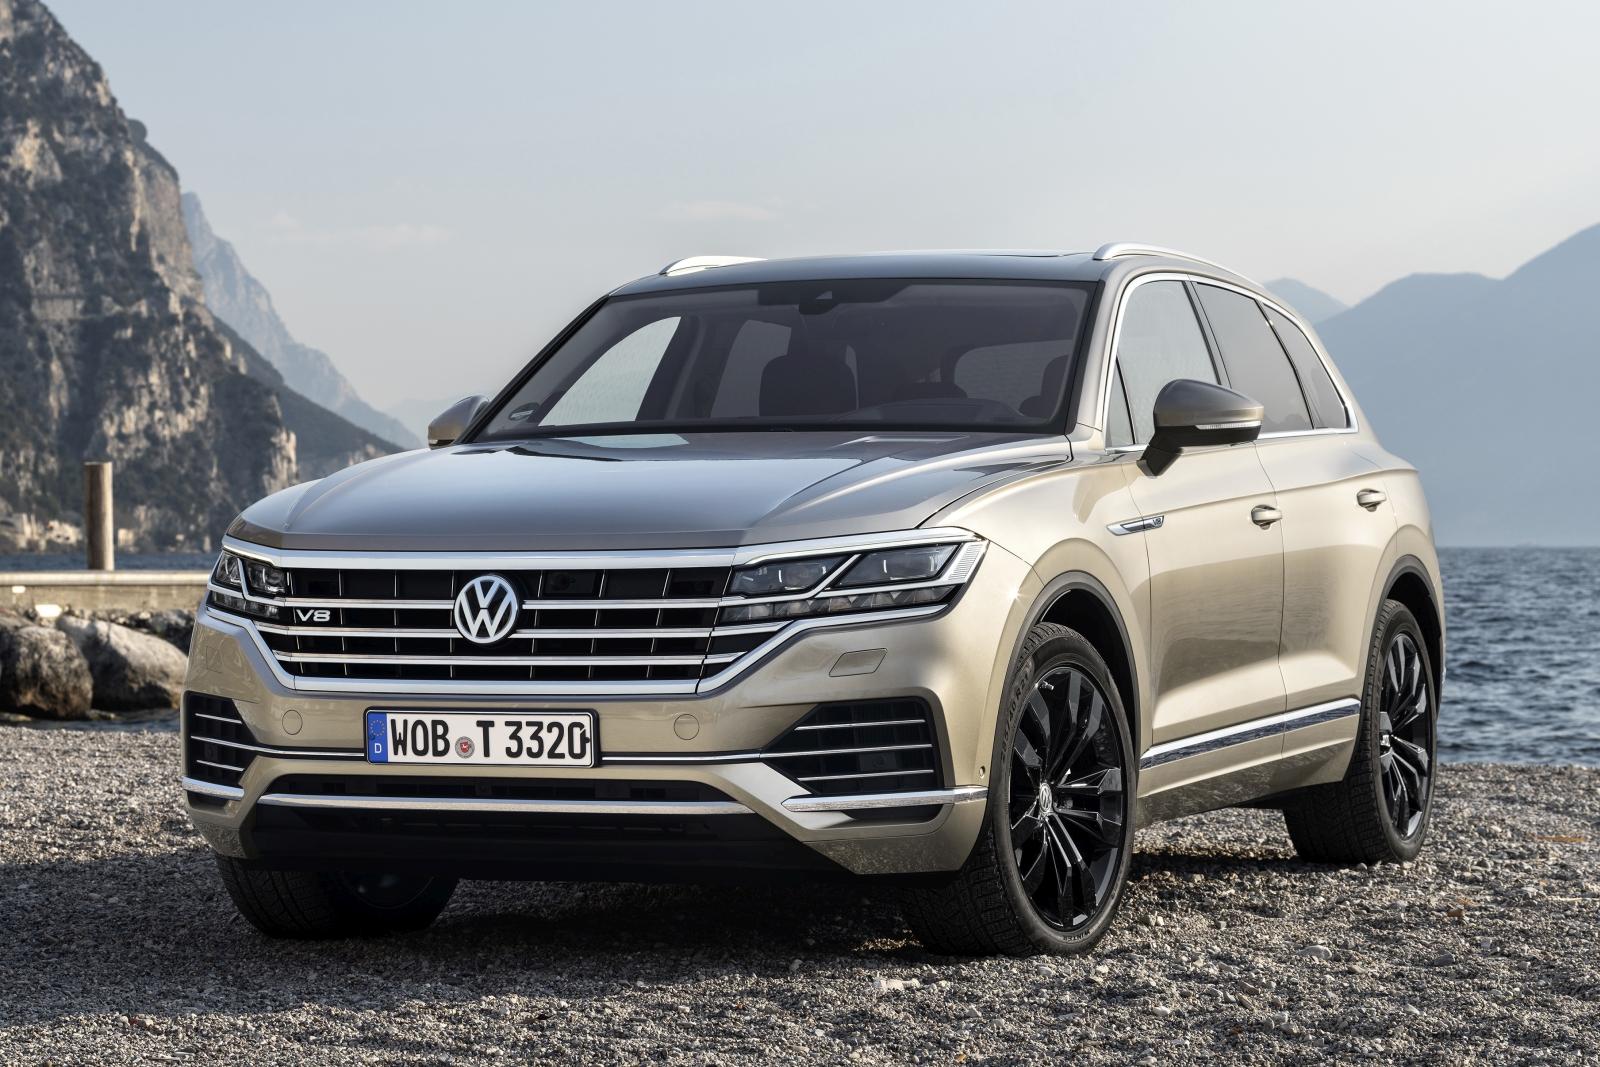 The new Volkswagen Touareg V8 TDI